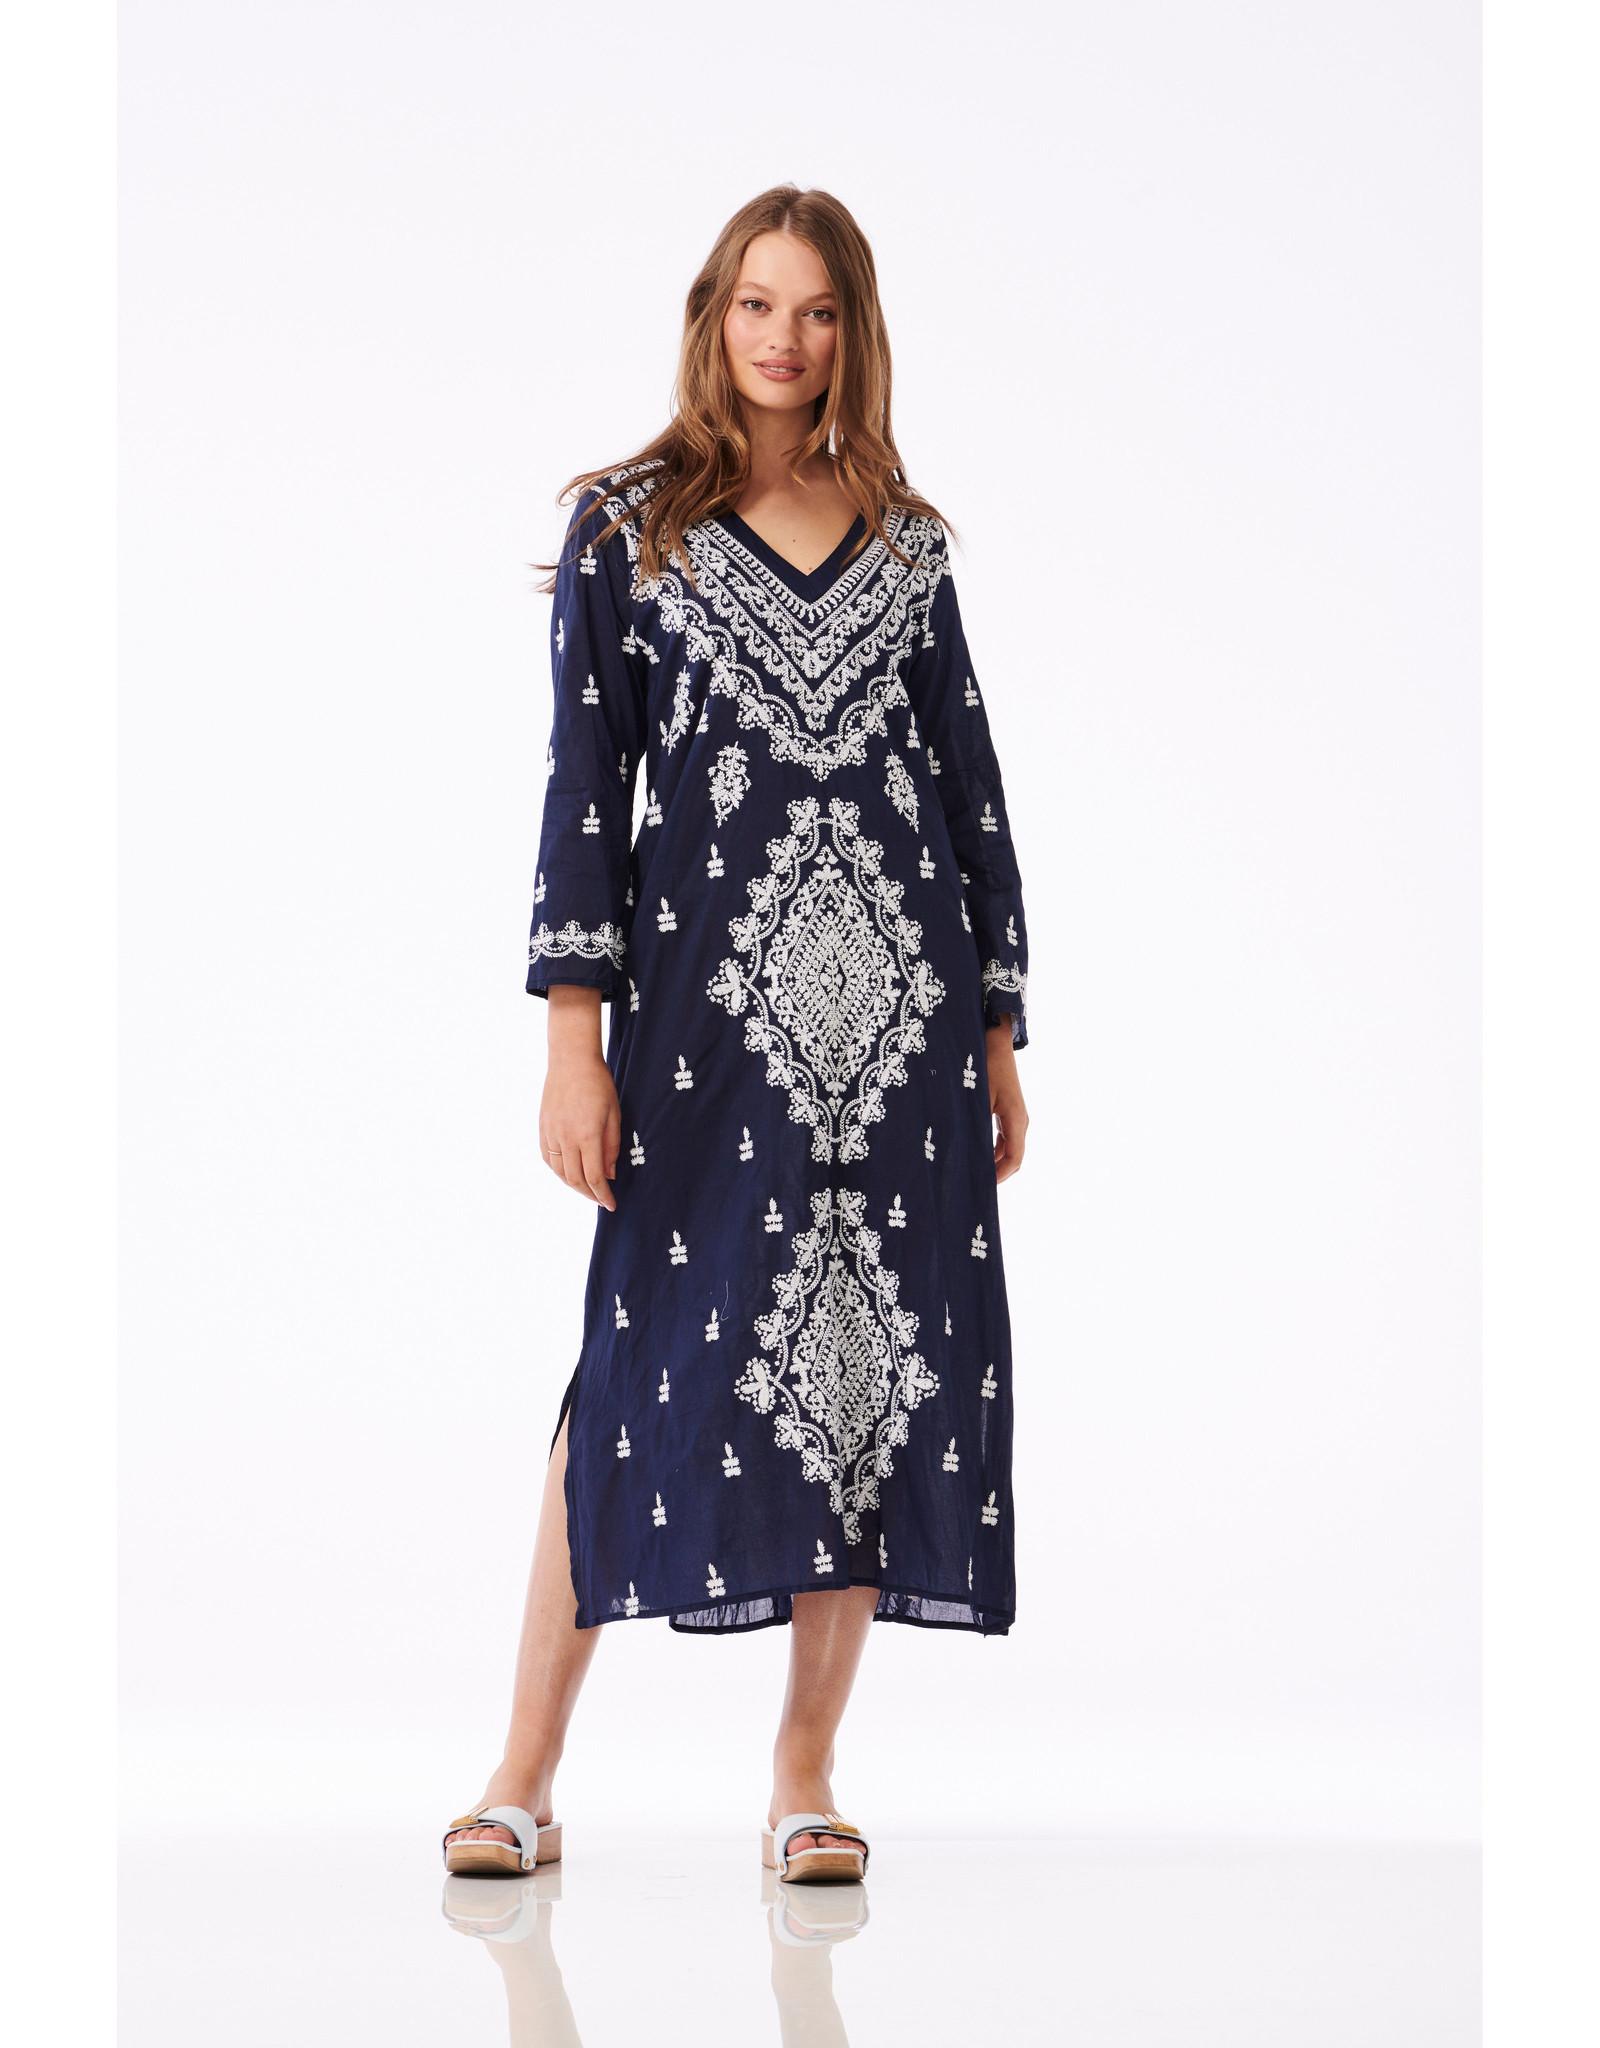 ONESEASON LONG GOA DRESS NAVY WHITE